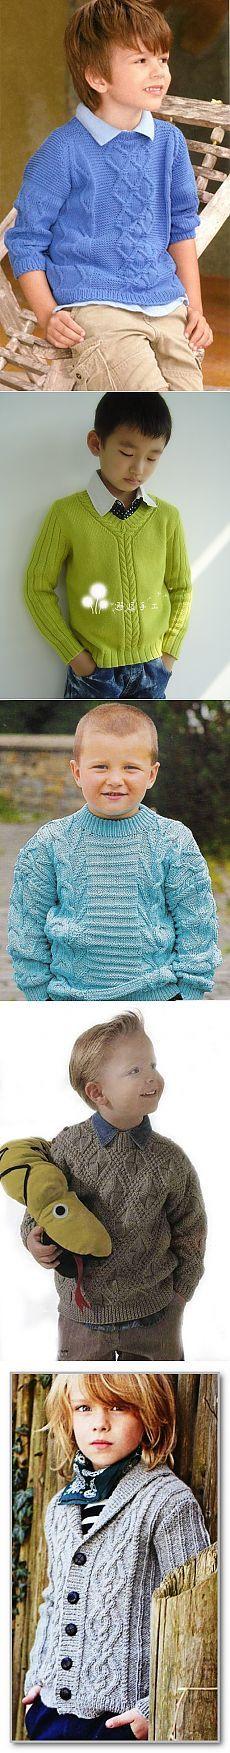 Knitting for boys.